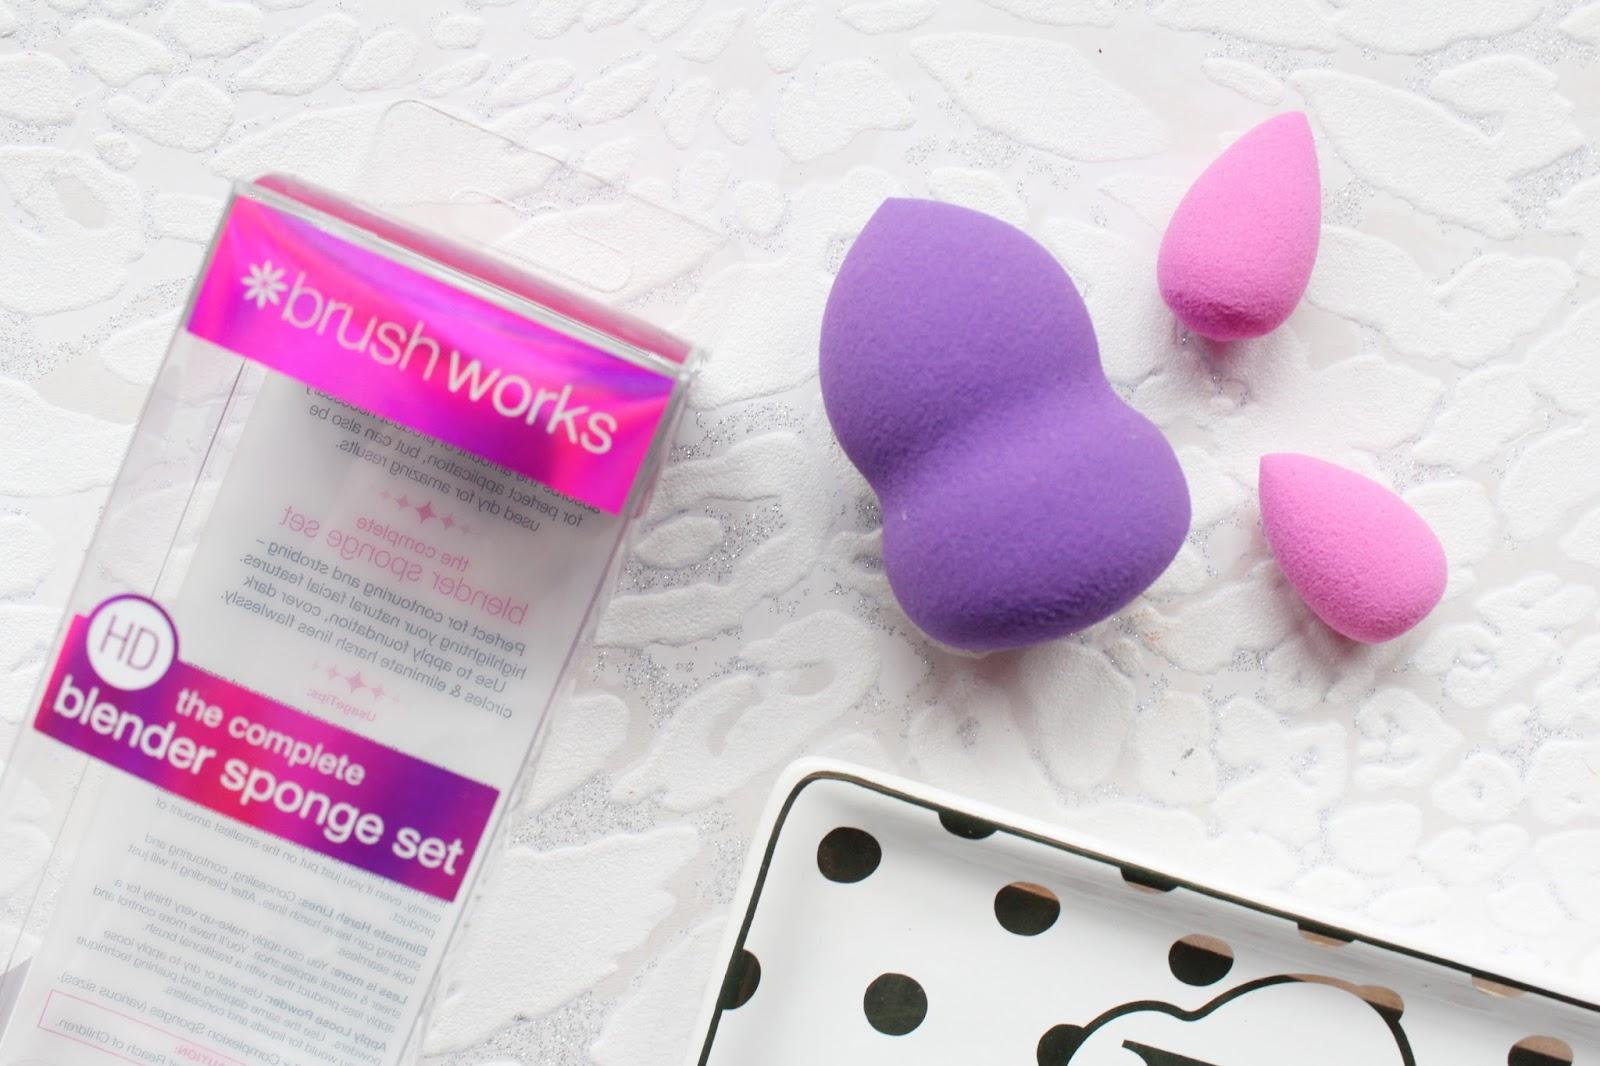 brushworks HD Complete Blender Sponge Se